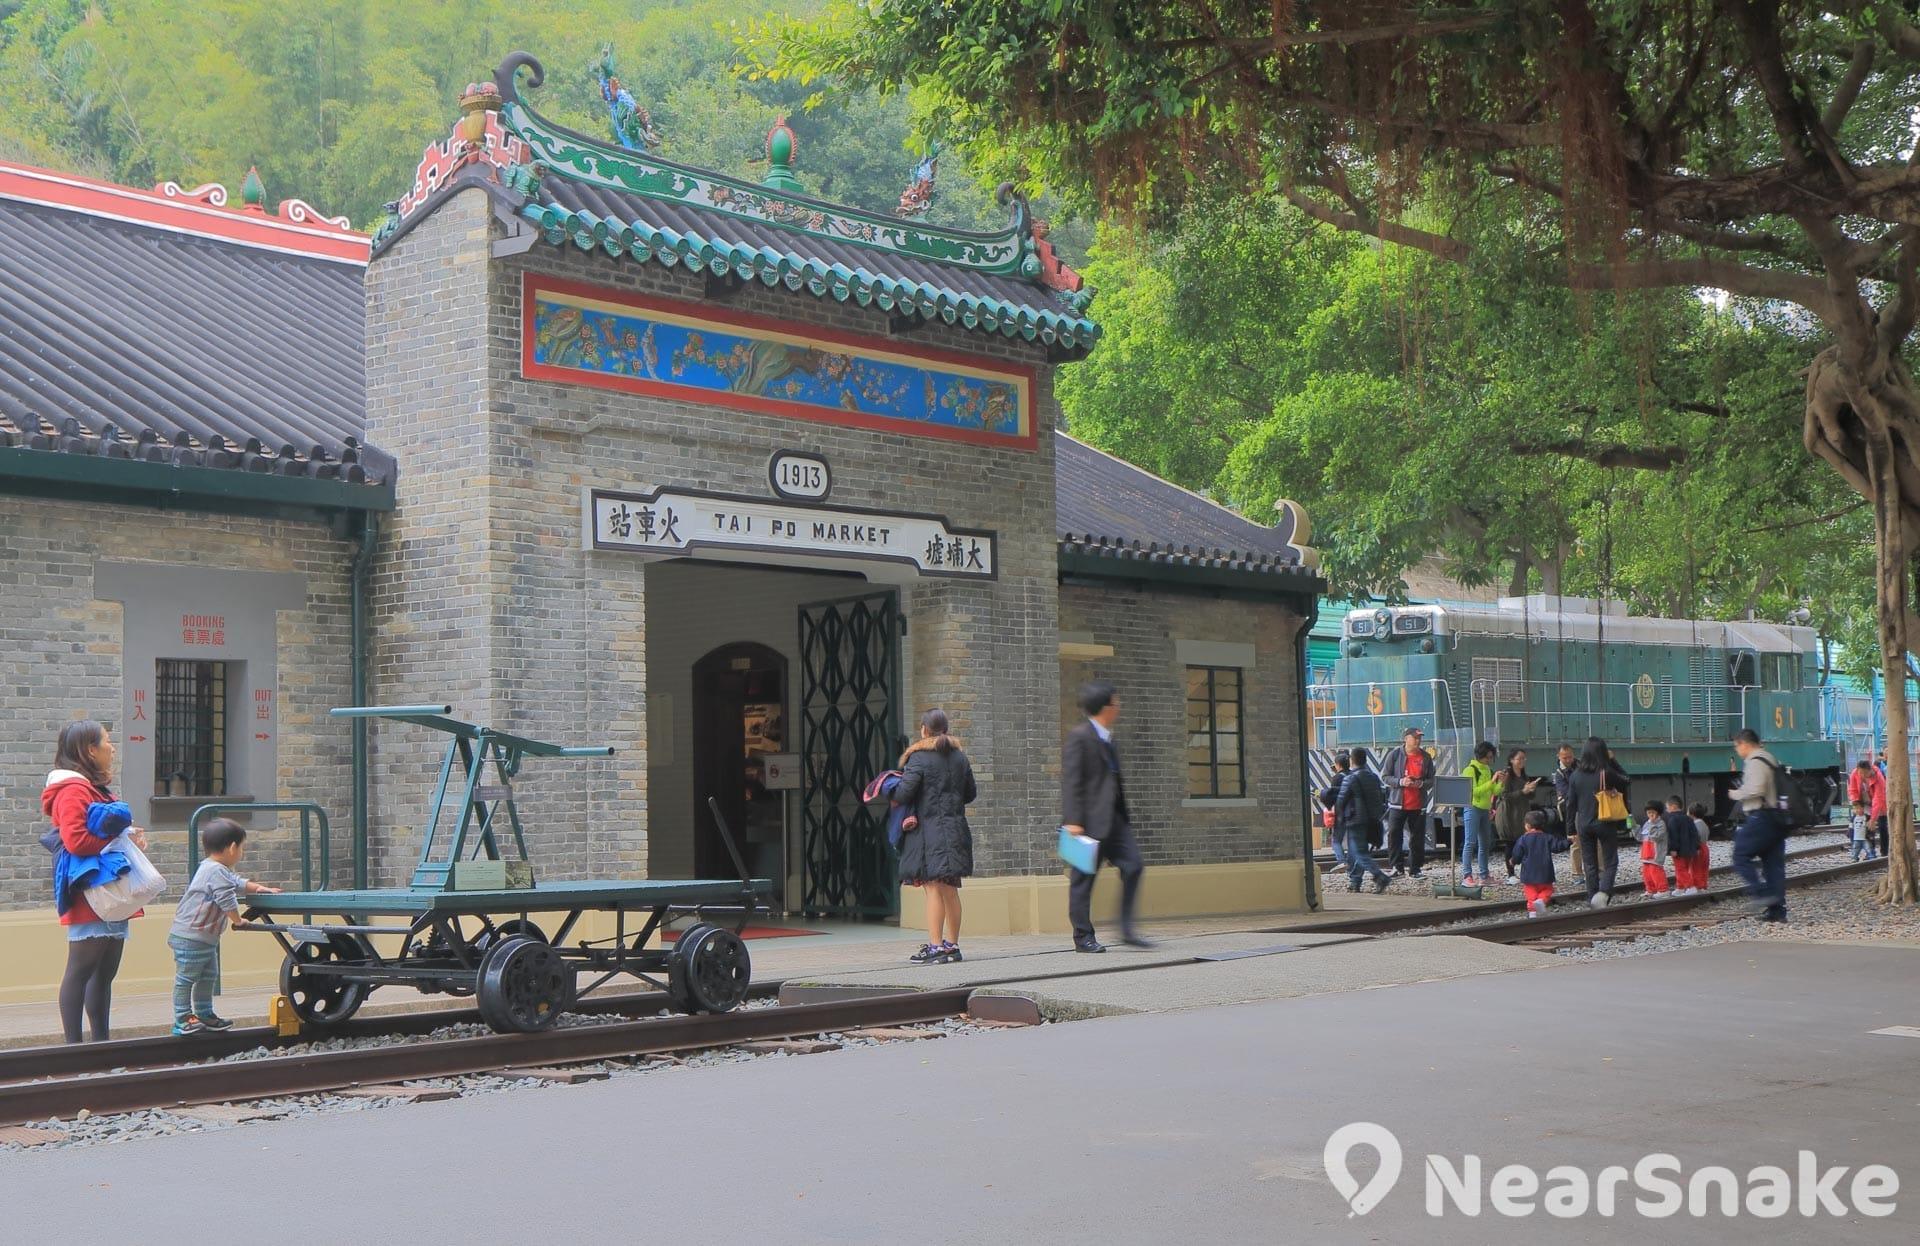 香港鐵路博物館前身是舊大埔墟火車站,館內也保留了當年的車站入口。